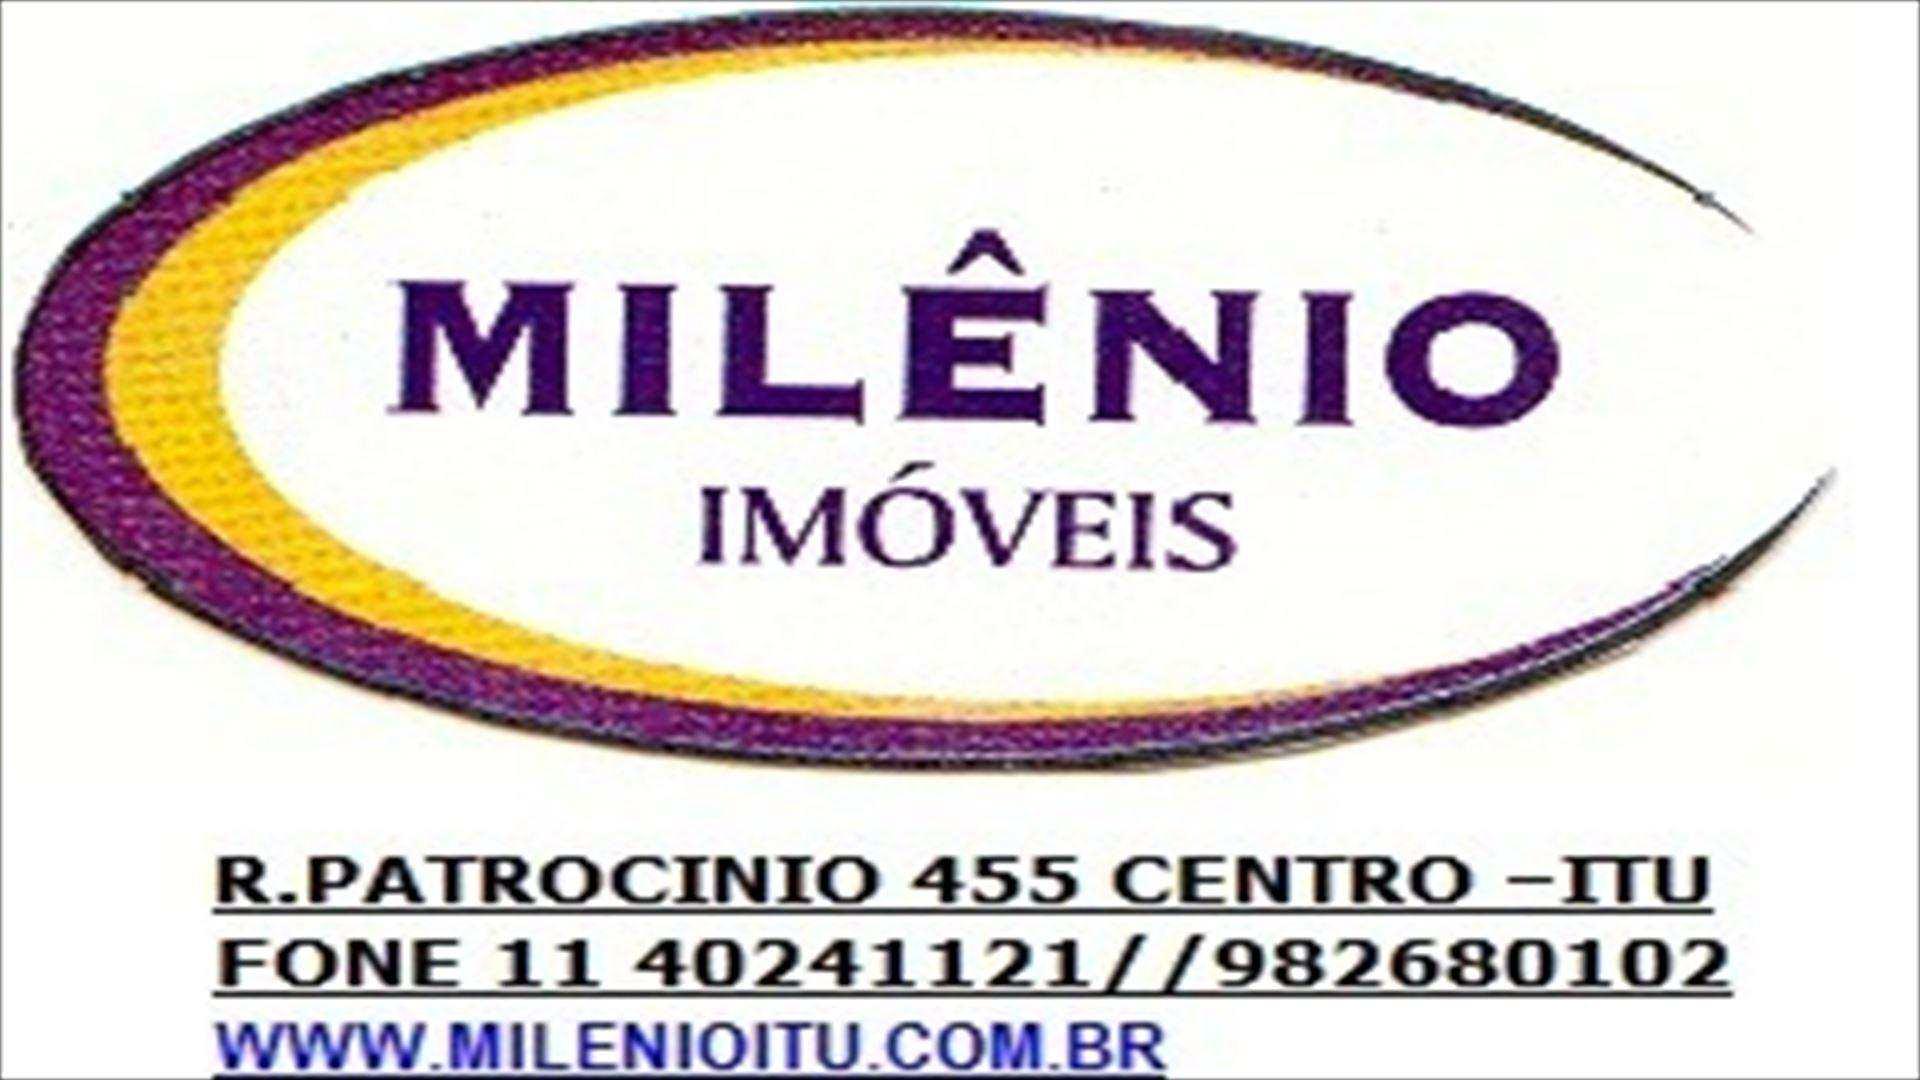 166700-LOGO_TIPO_MILENIO1.jpg